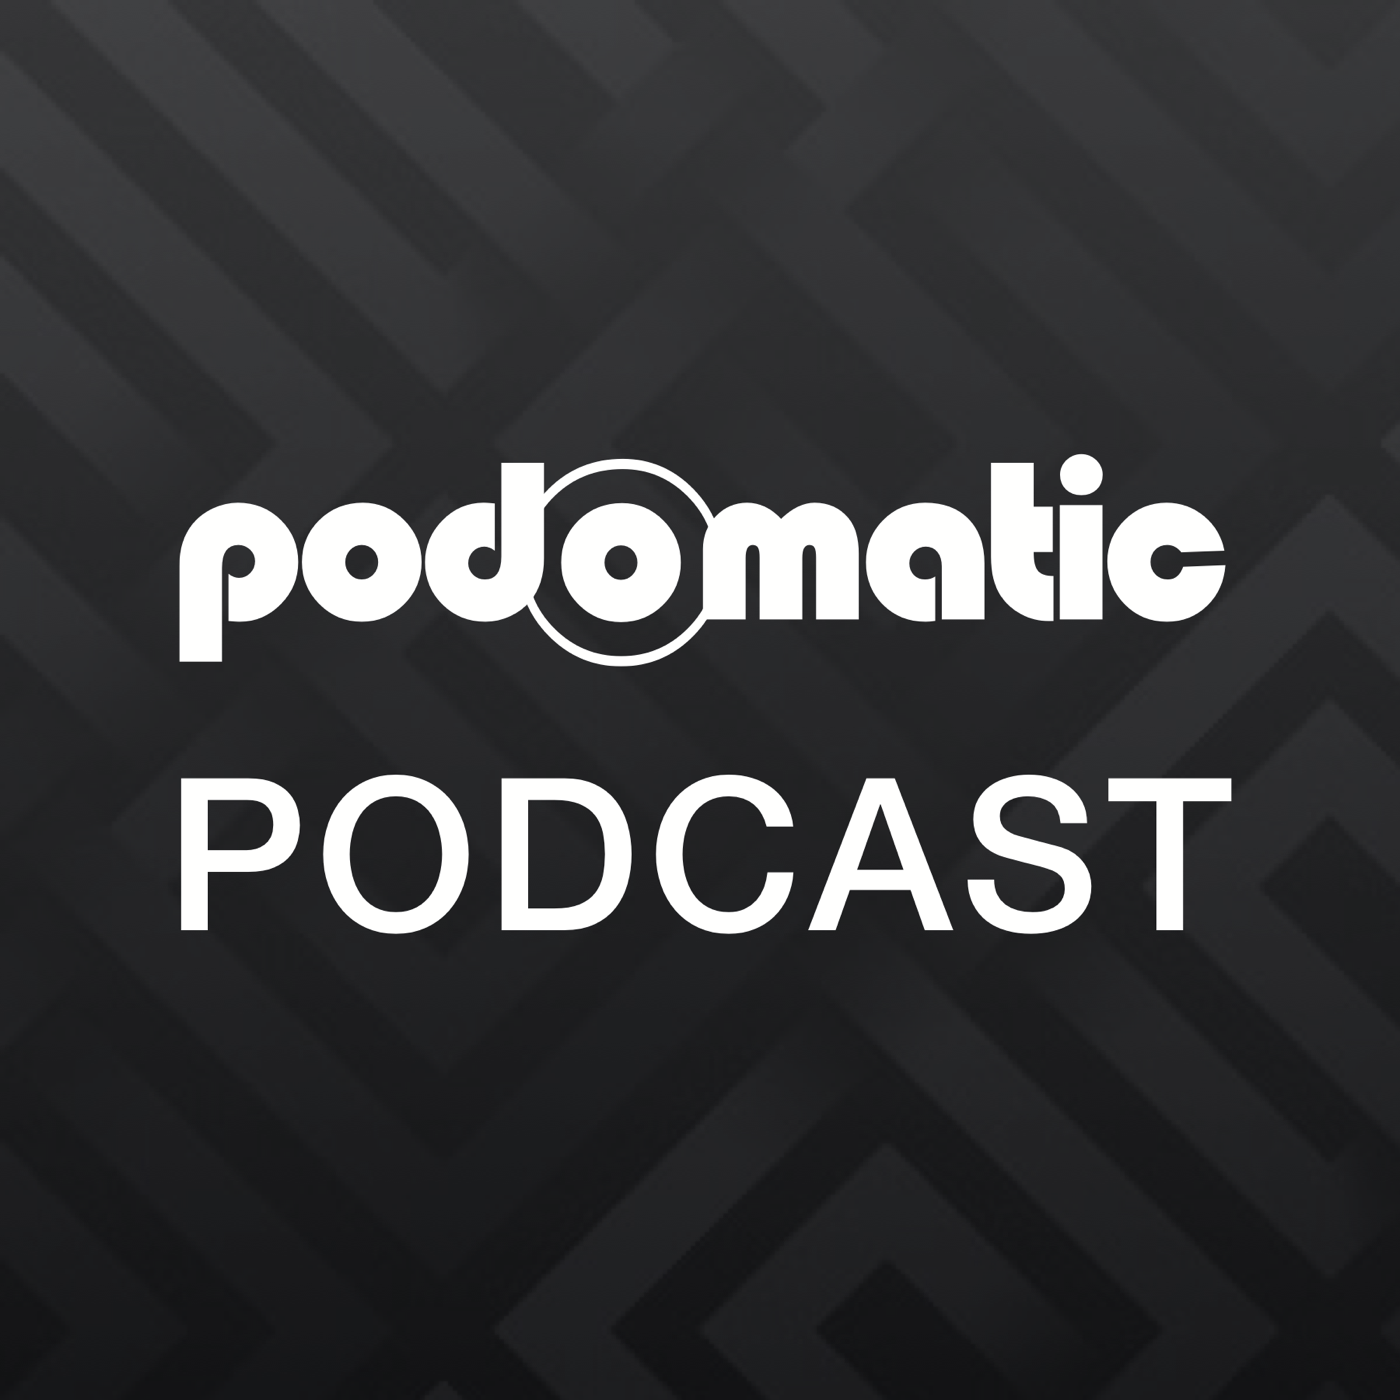 juan lucio's Podcast